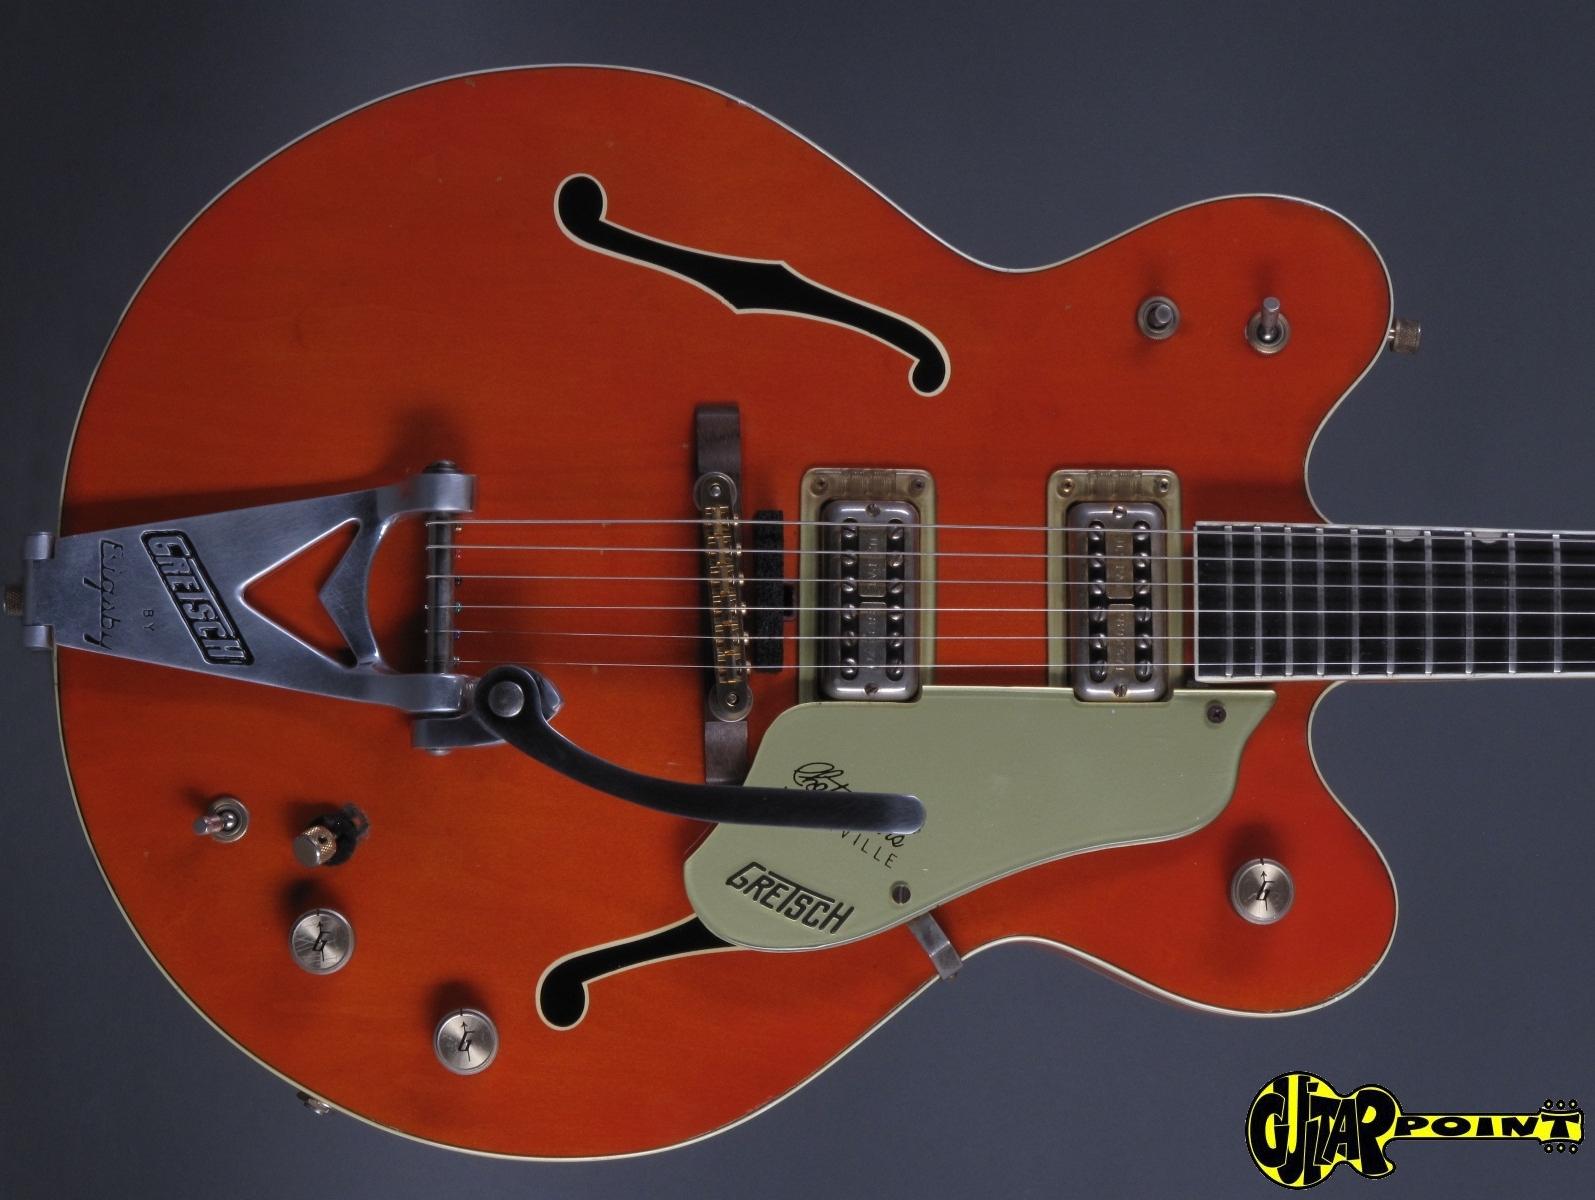 gretsch 6120 dc chet atkins 1968 orange guitar for sale guitarpoint. Black Bedroom Furniture Sets. Home Design Ideas